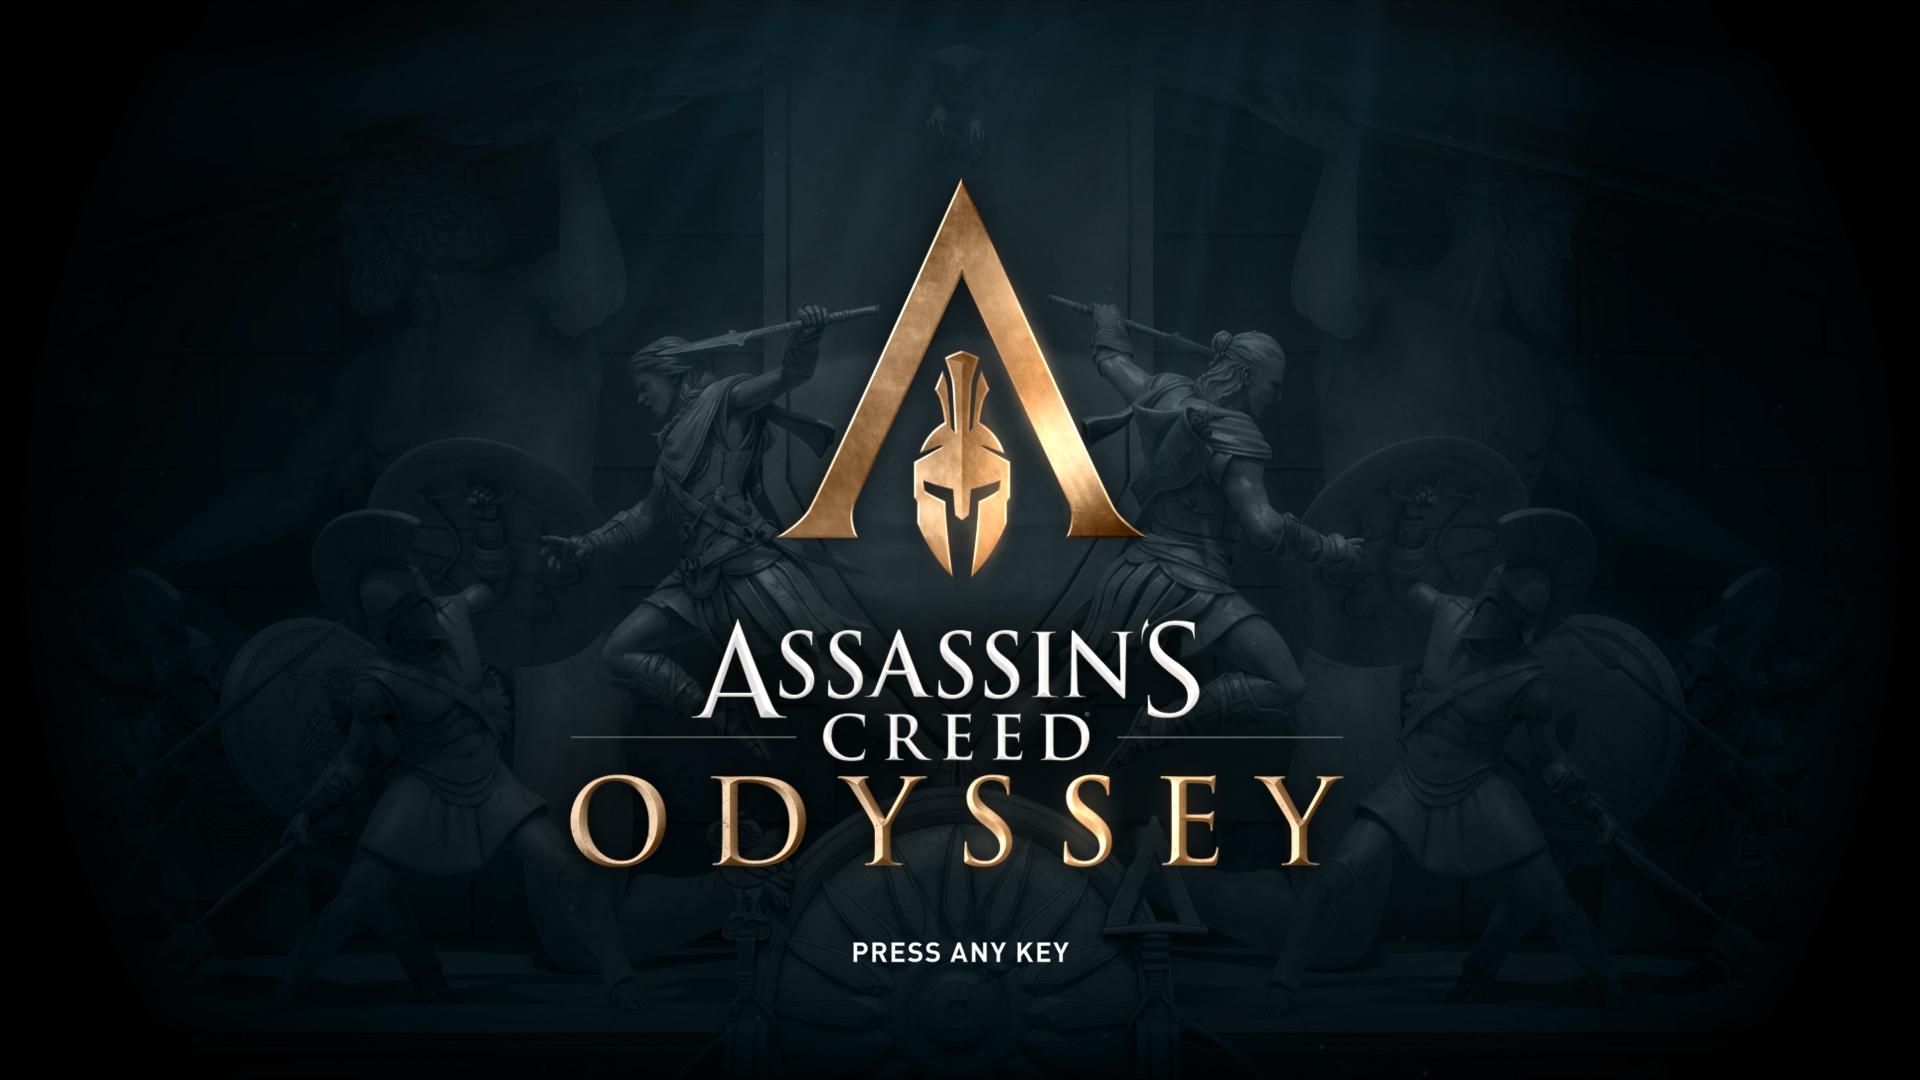 Assassin's Creed  Odyssey 2018.11.27 - 19.17.03.01.00_00_20_05.Still001.jpg